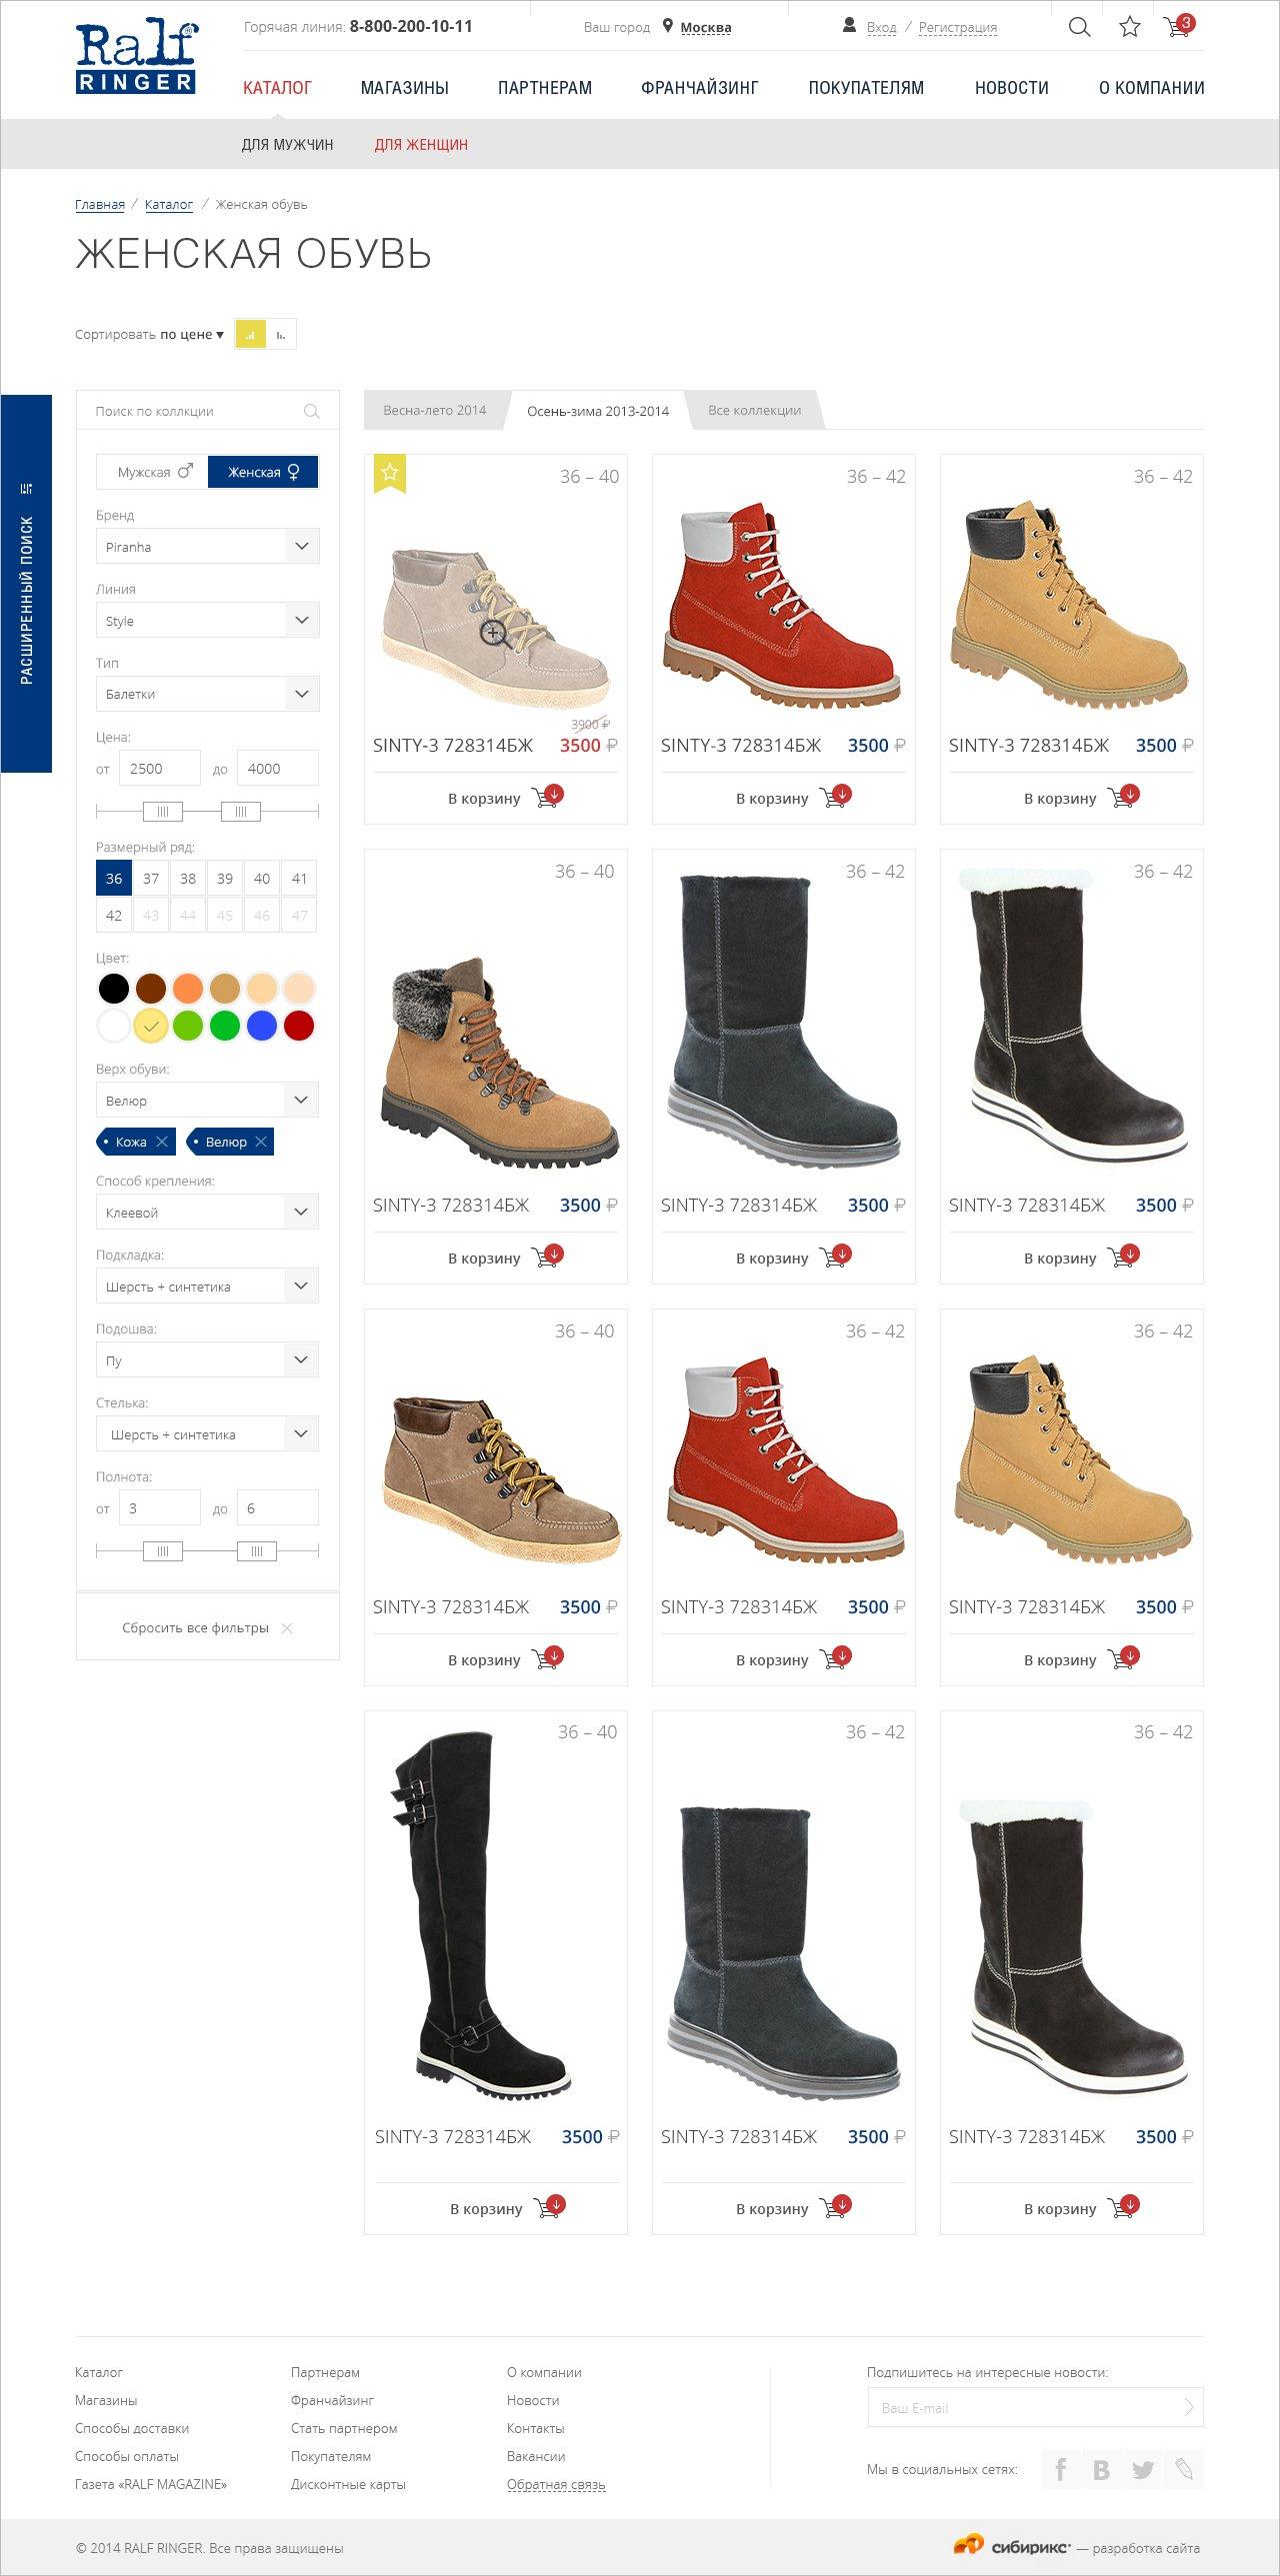 <p><b>Наперспективу намечена разработка функции онлайн-заказа, пока что действует каталог сзакладками.</b></p> <p>Авторизованные пользователи могут добавлять товары взакладки— когда появится функция онлайн-заказа, они смогут купитьих.</p>